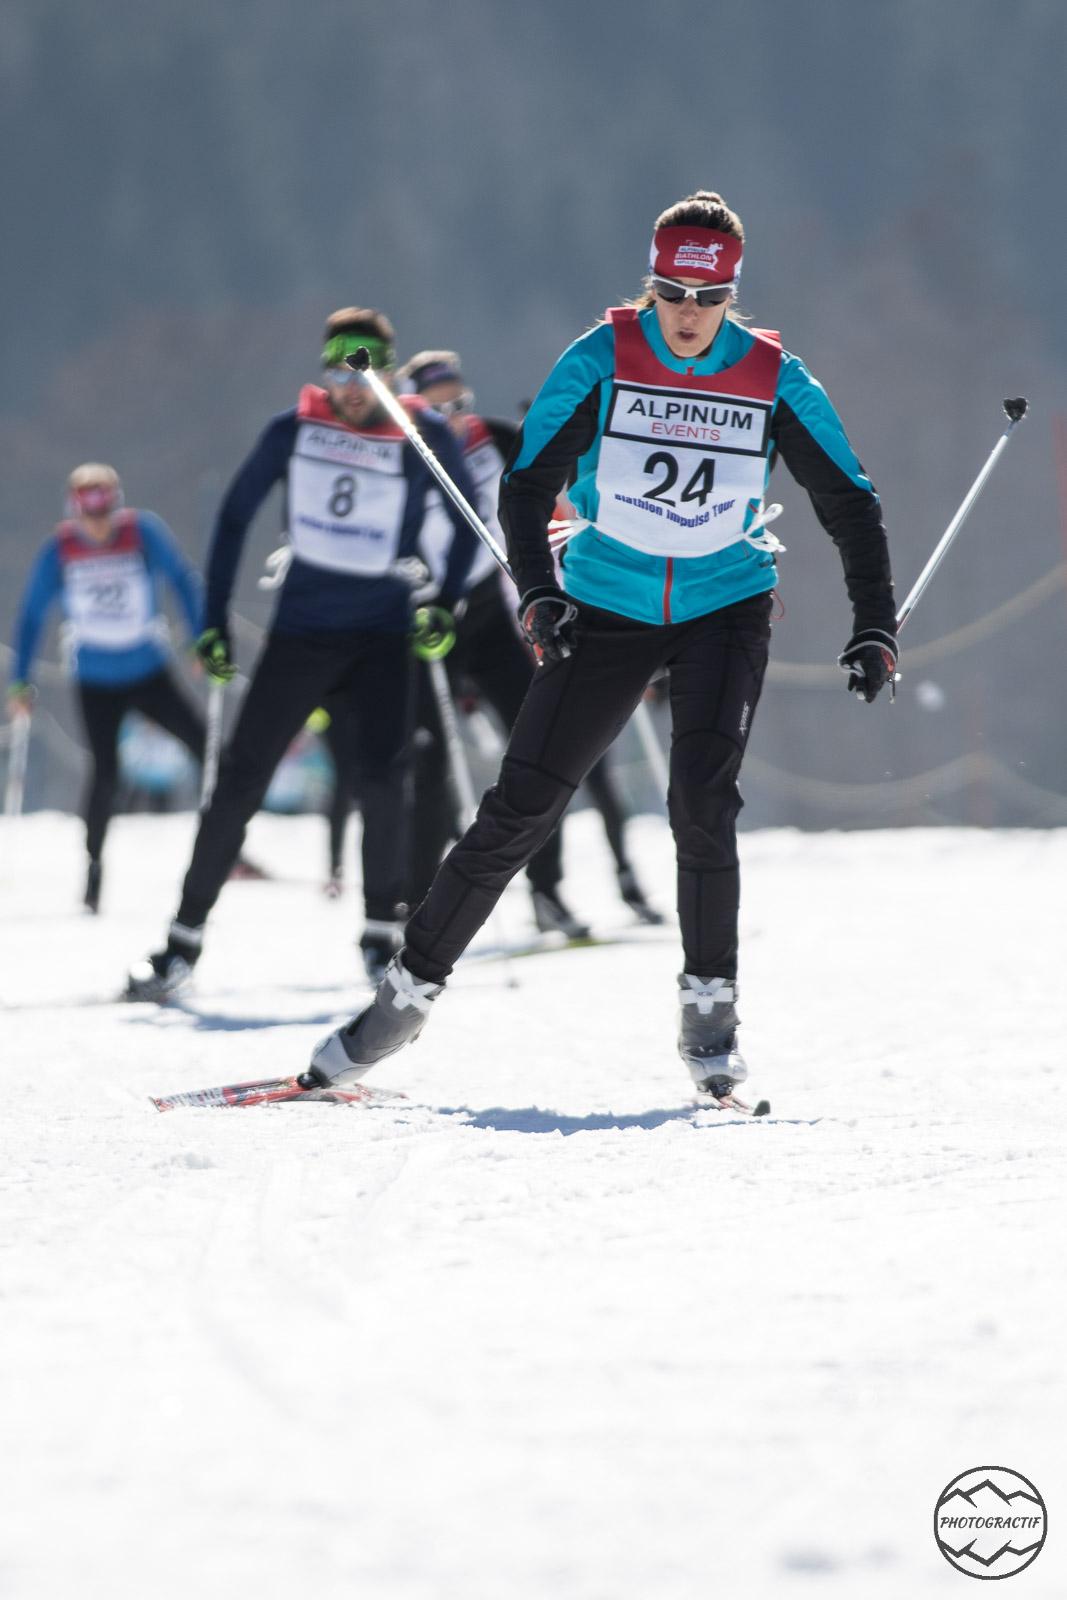 Biathlon Alpinum Les Contamines 2019 (13)